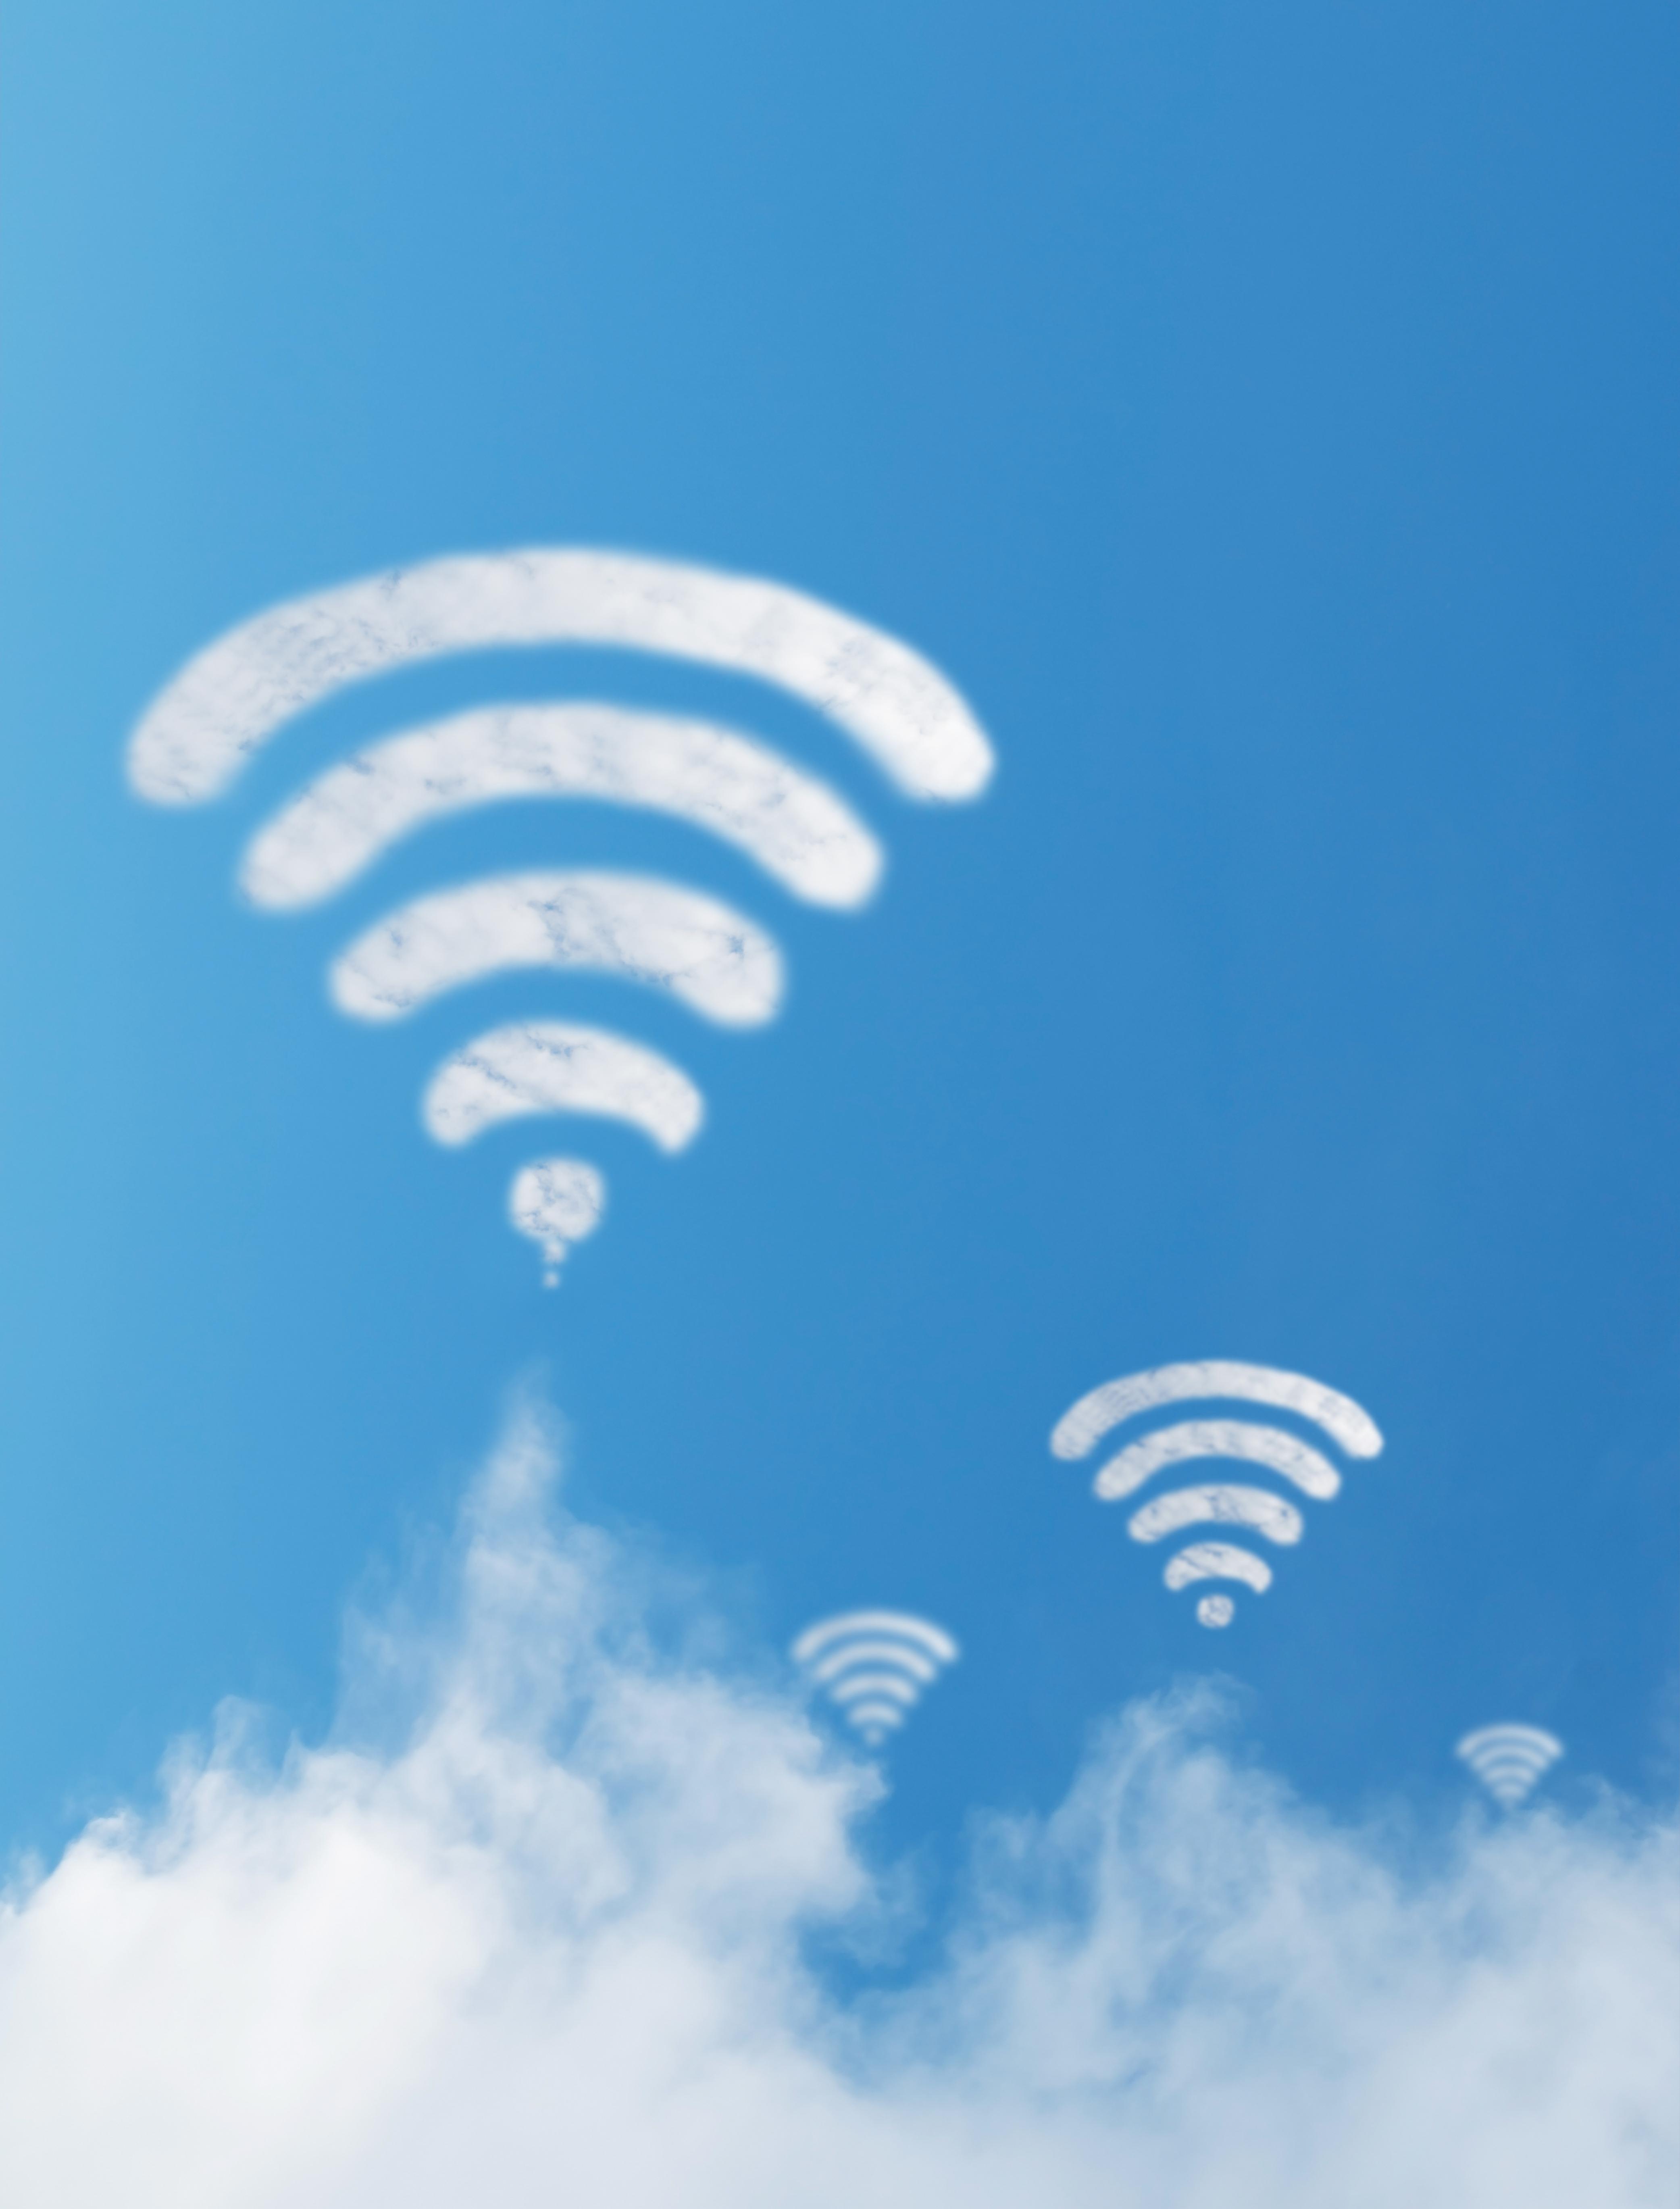 Wifi cloud shape with blue sky background